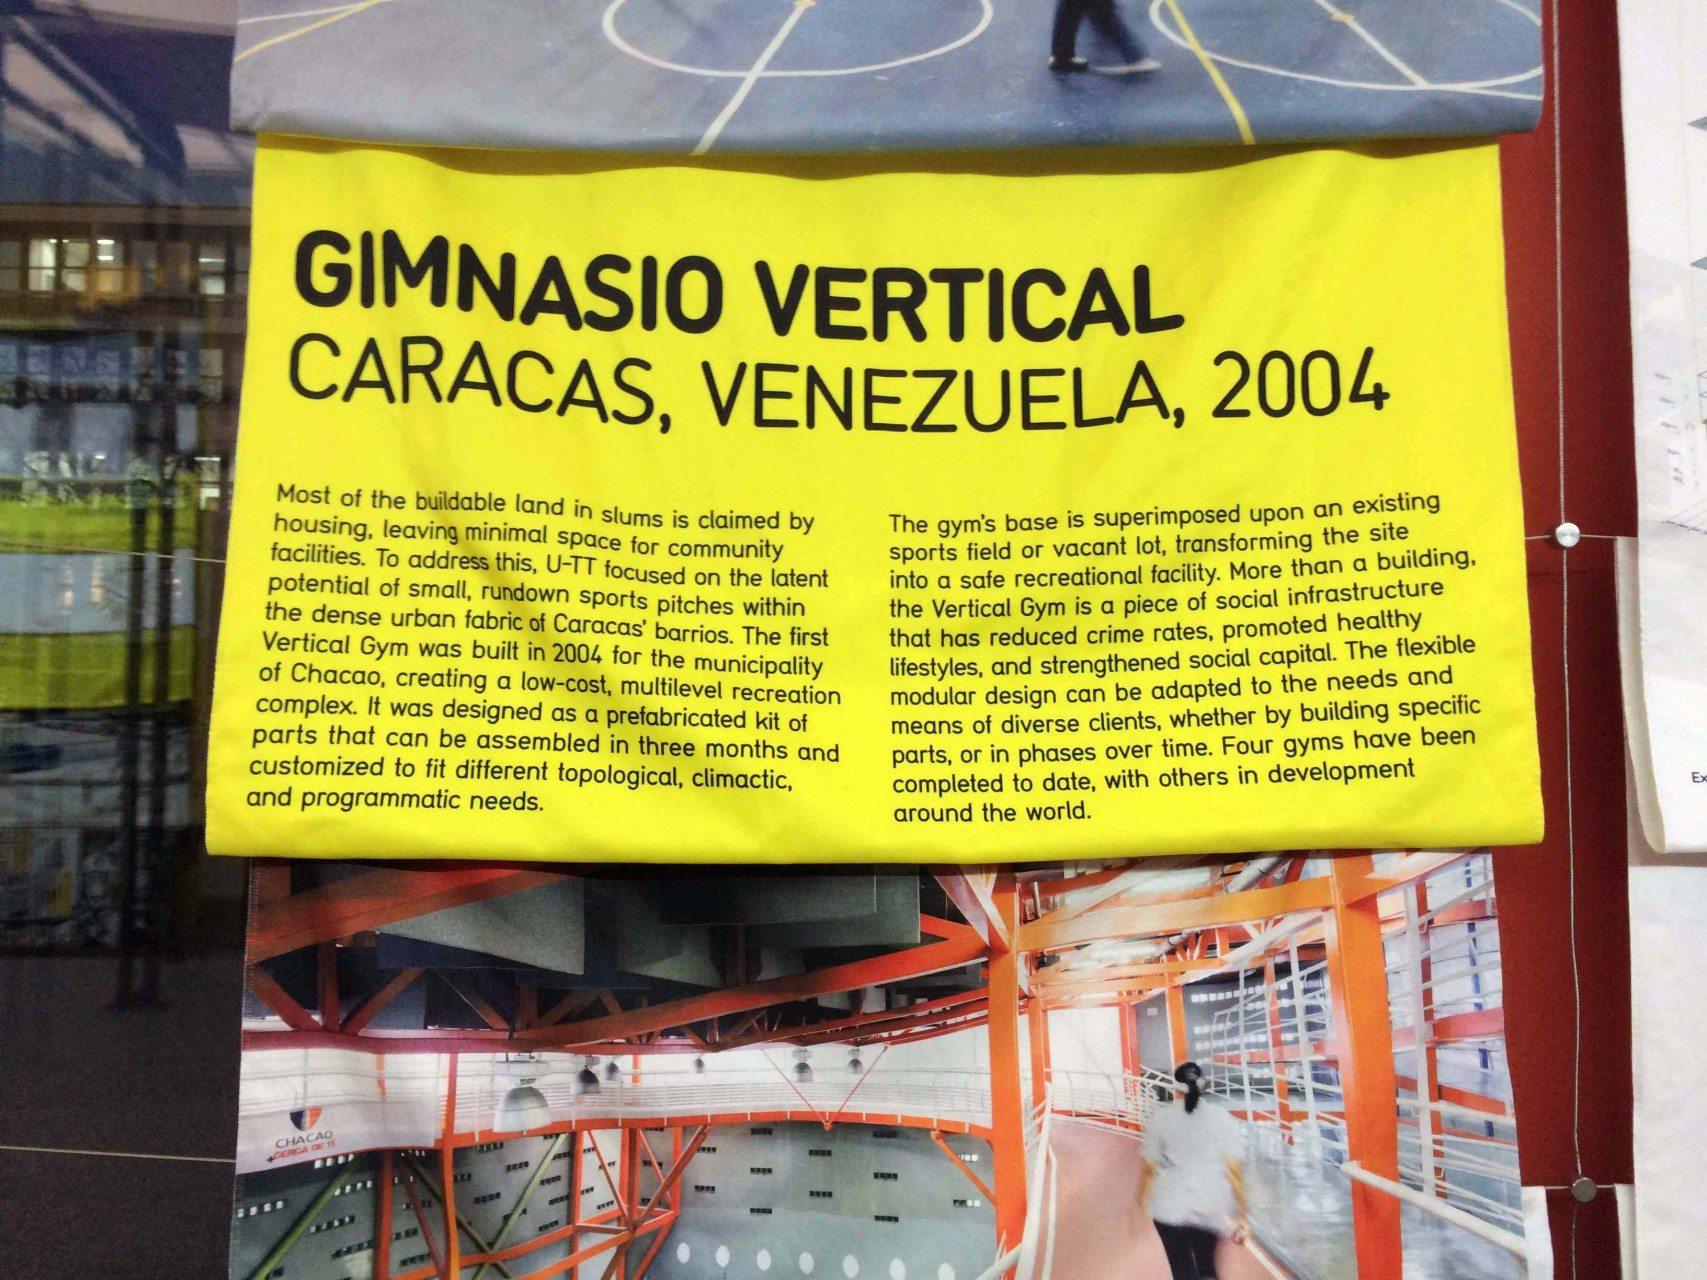 Gimnasio Vertical. Modulare, flexible Hallen verstetigen Sportangebote in den Slums und lassen sich leicht errichten.